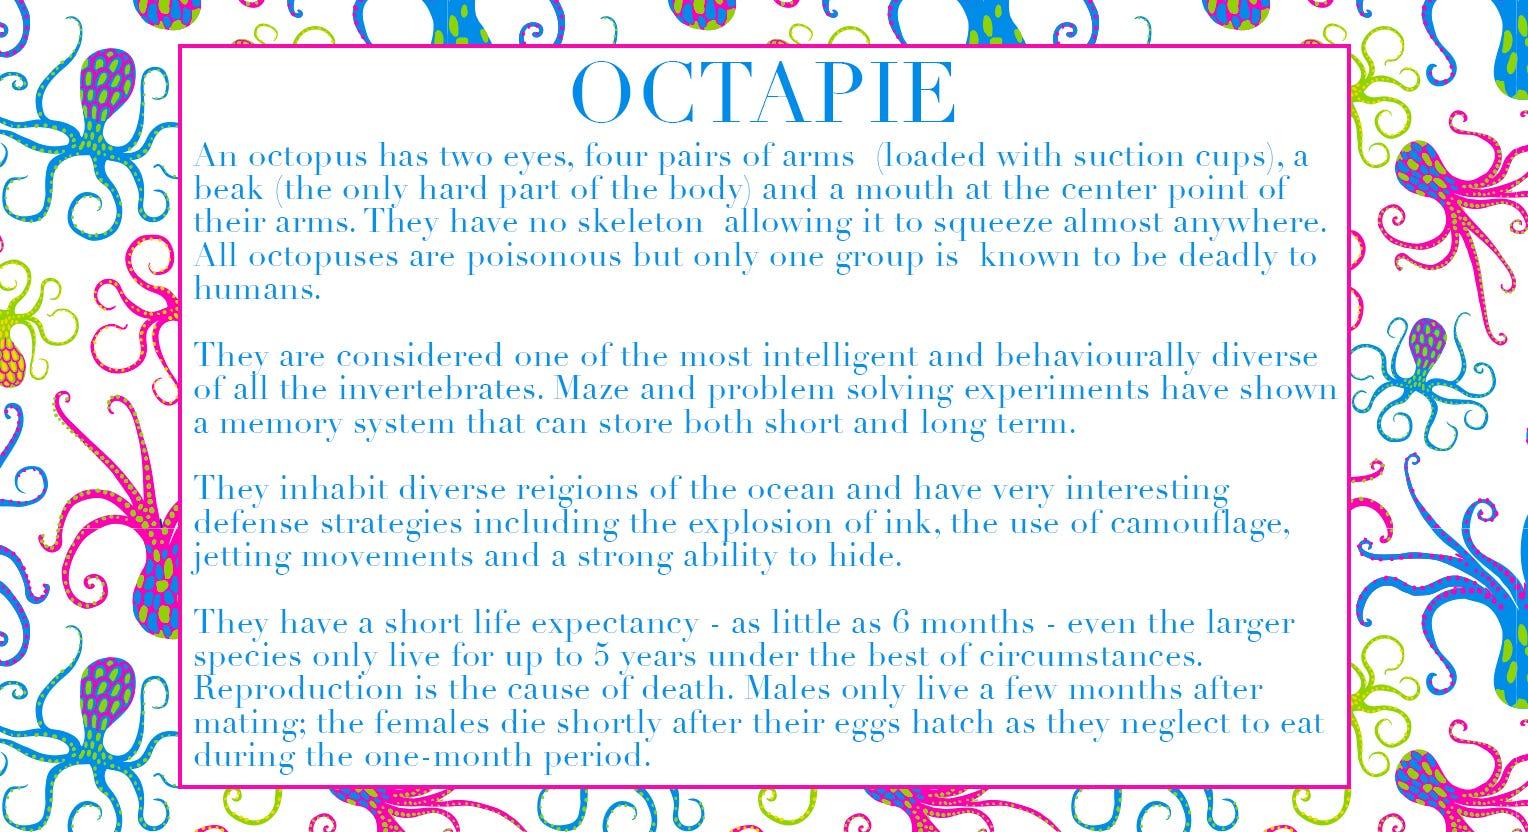 Octapie